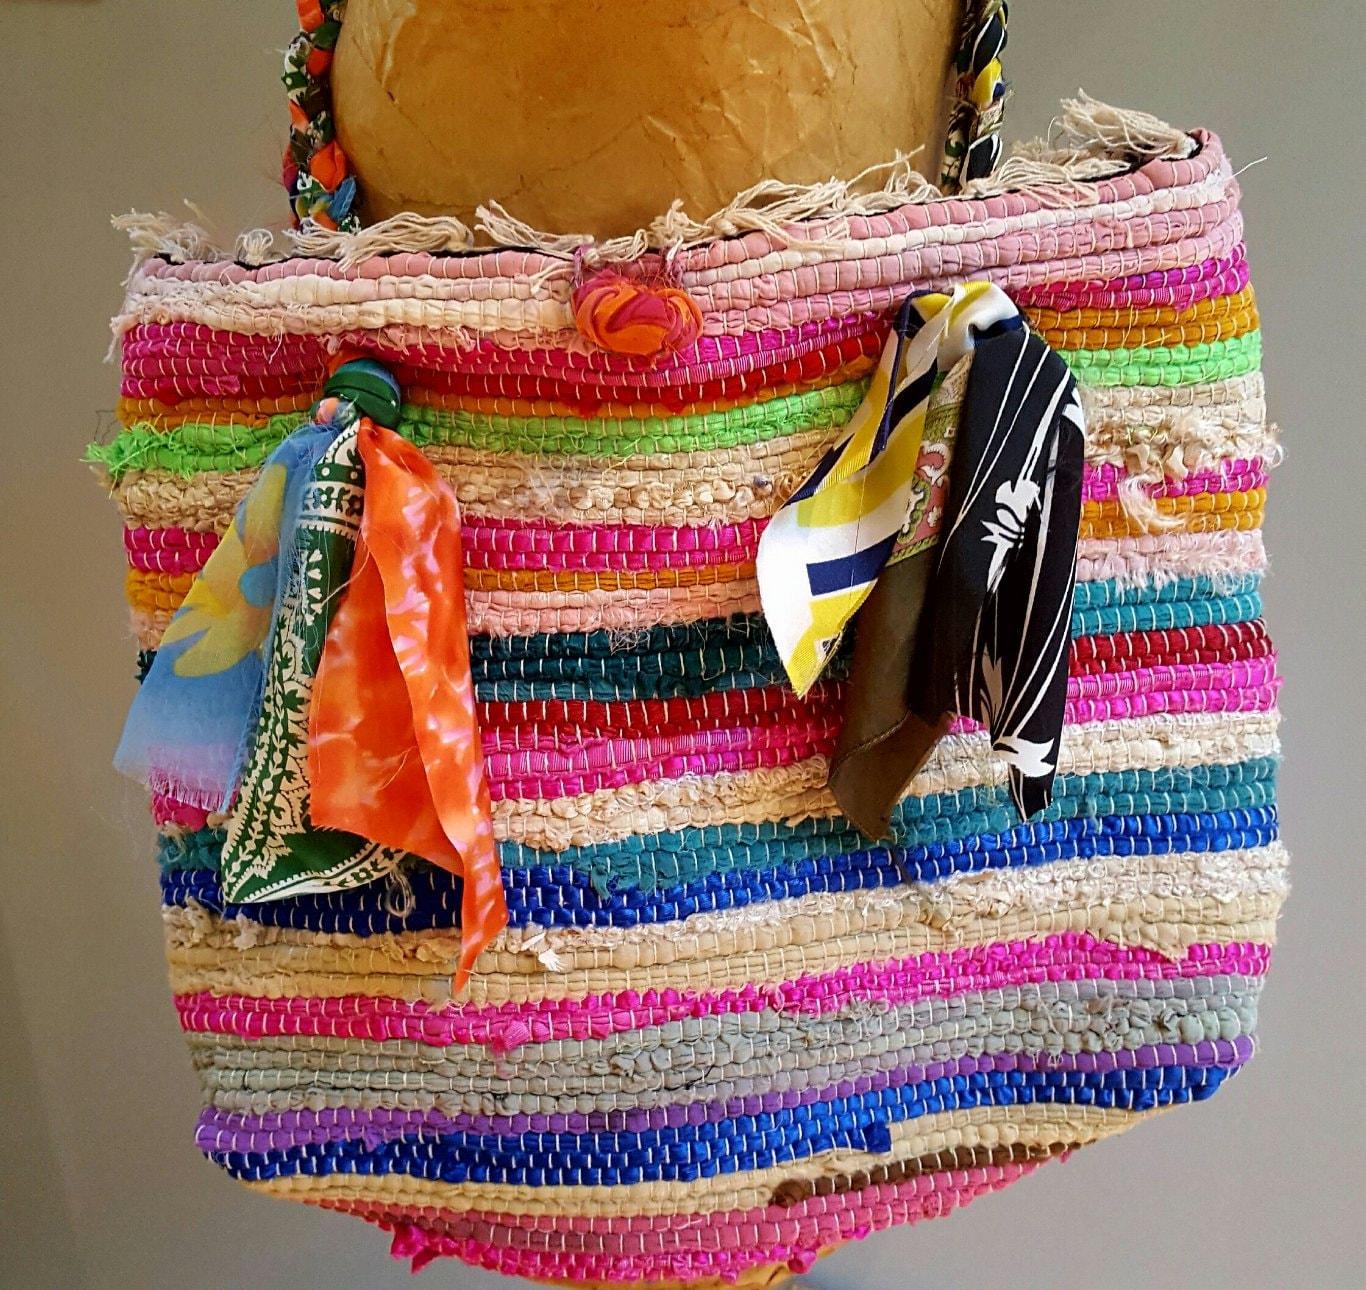 Rag Rug Large: Rag Rug Bag Bohemian Bag Large Beach Tote Woven Purse Rug